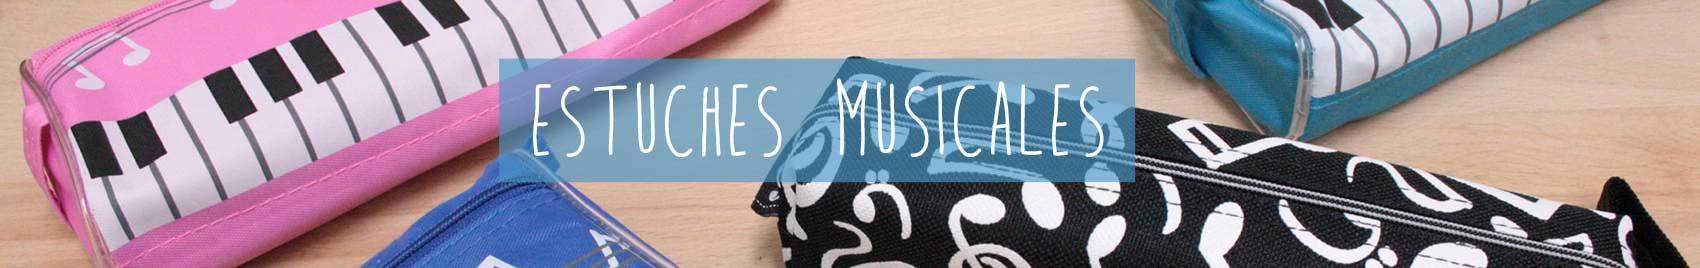 Estuches musicales